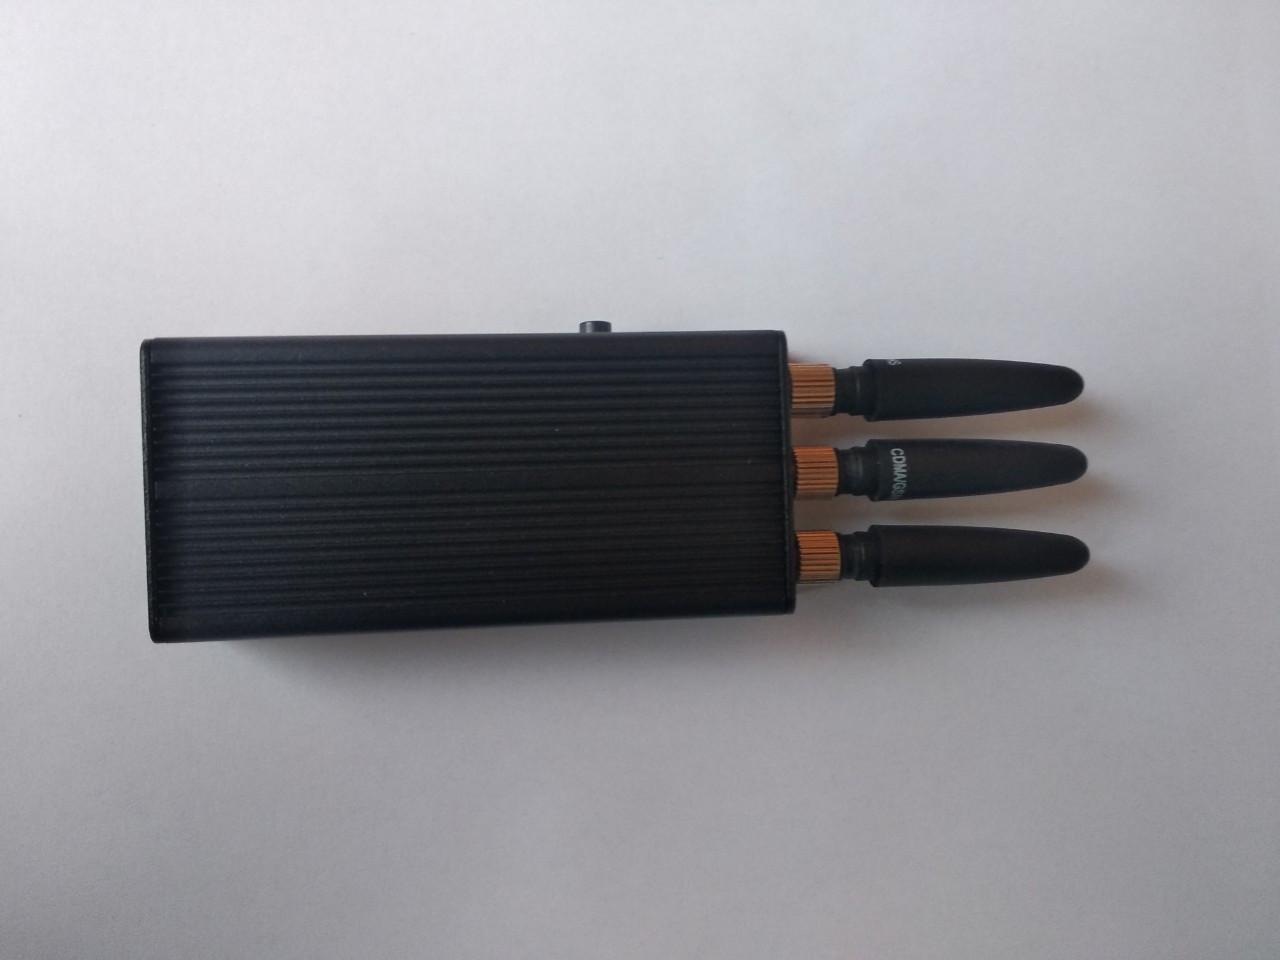 Глушилка GSM/CDMA/DCS/PHS/GPS, подавитель сигнала